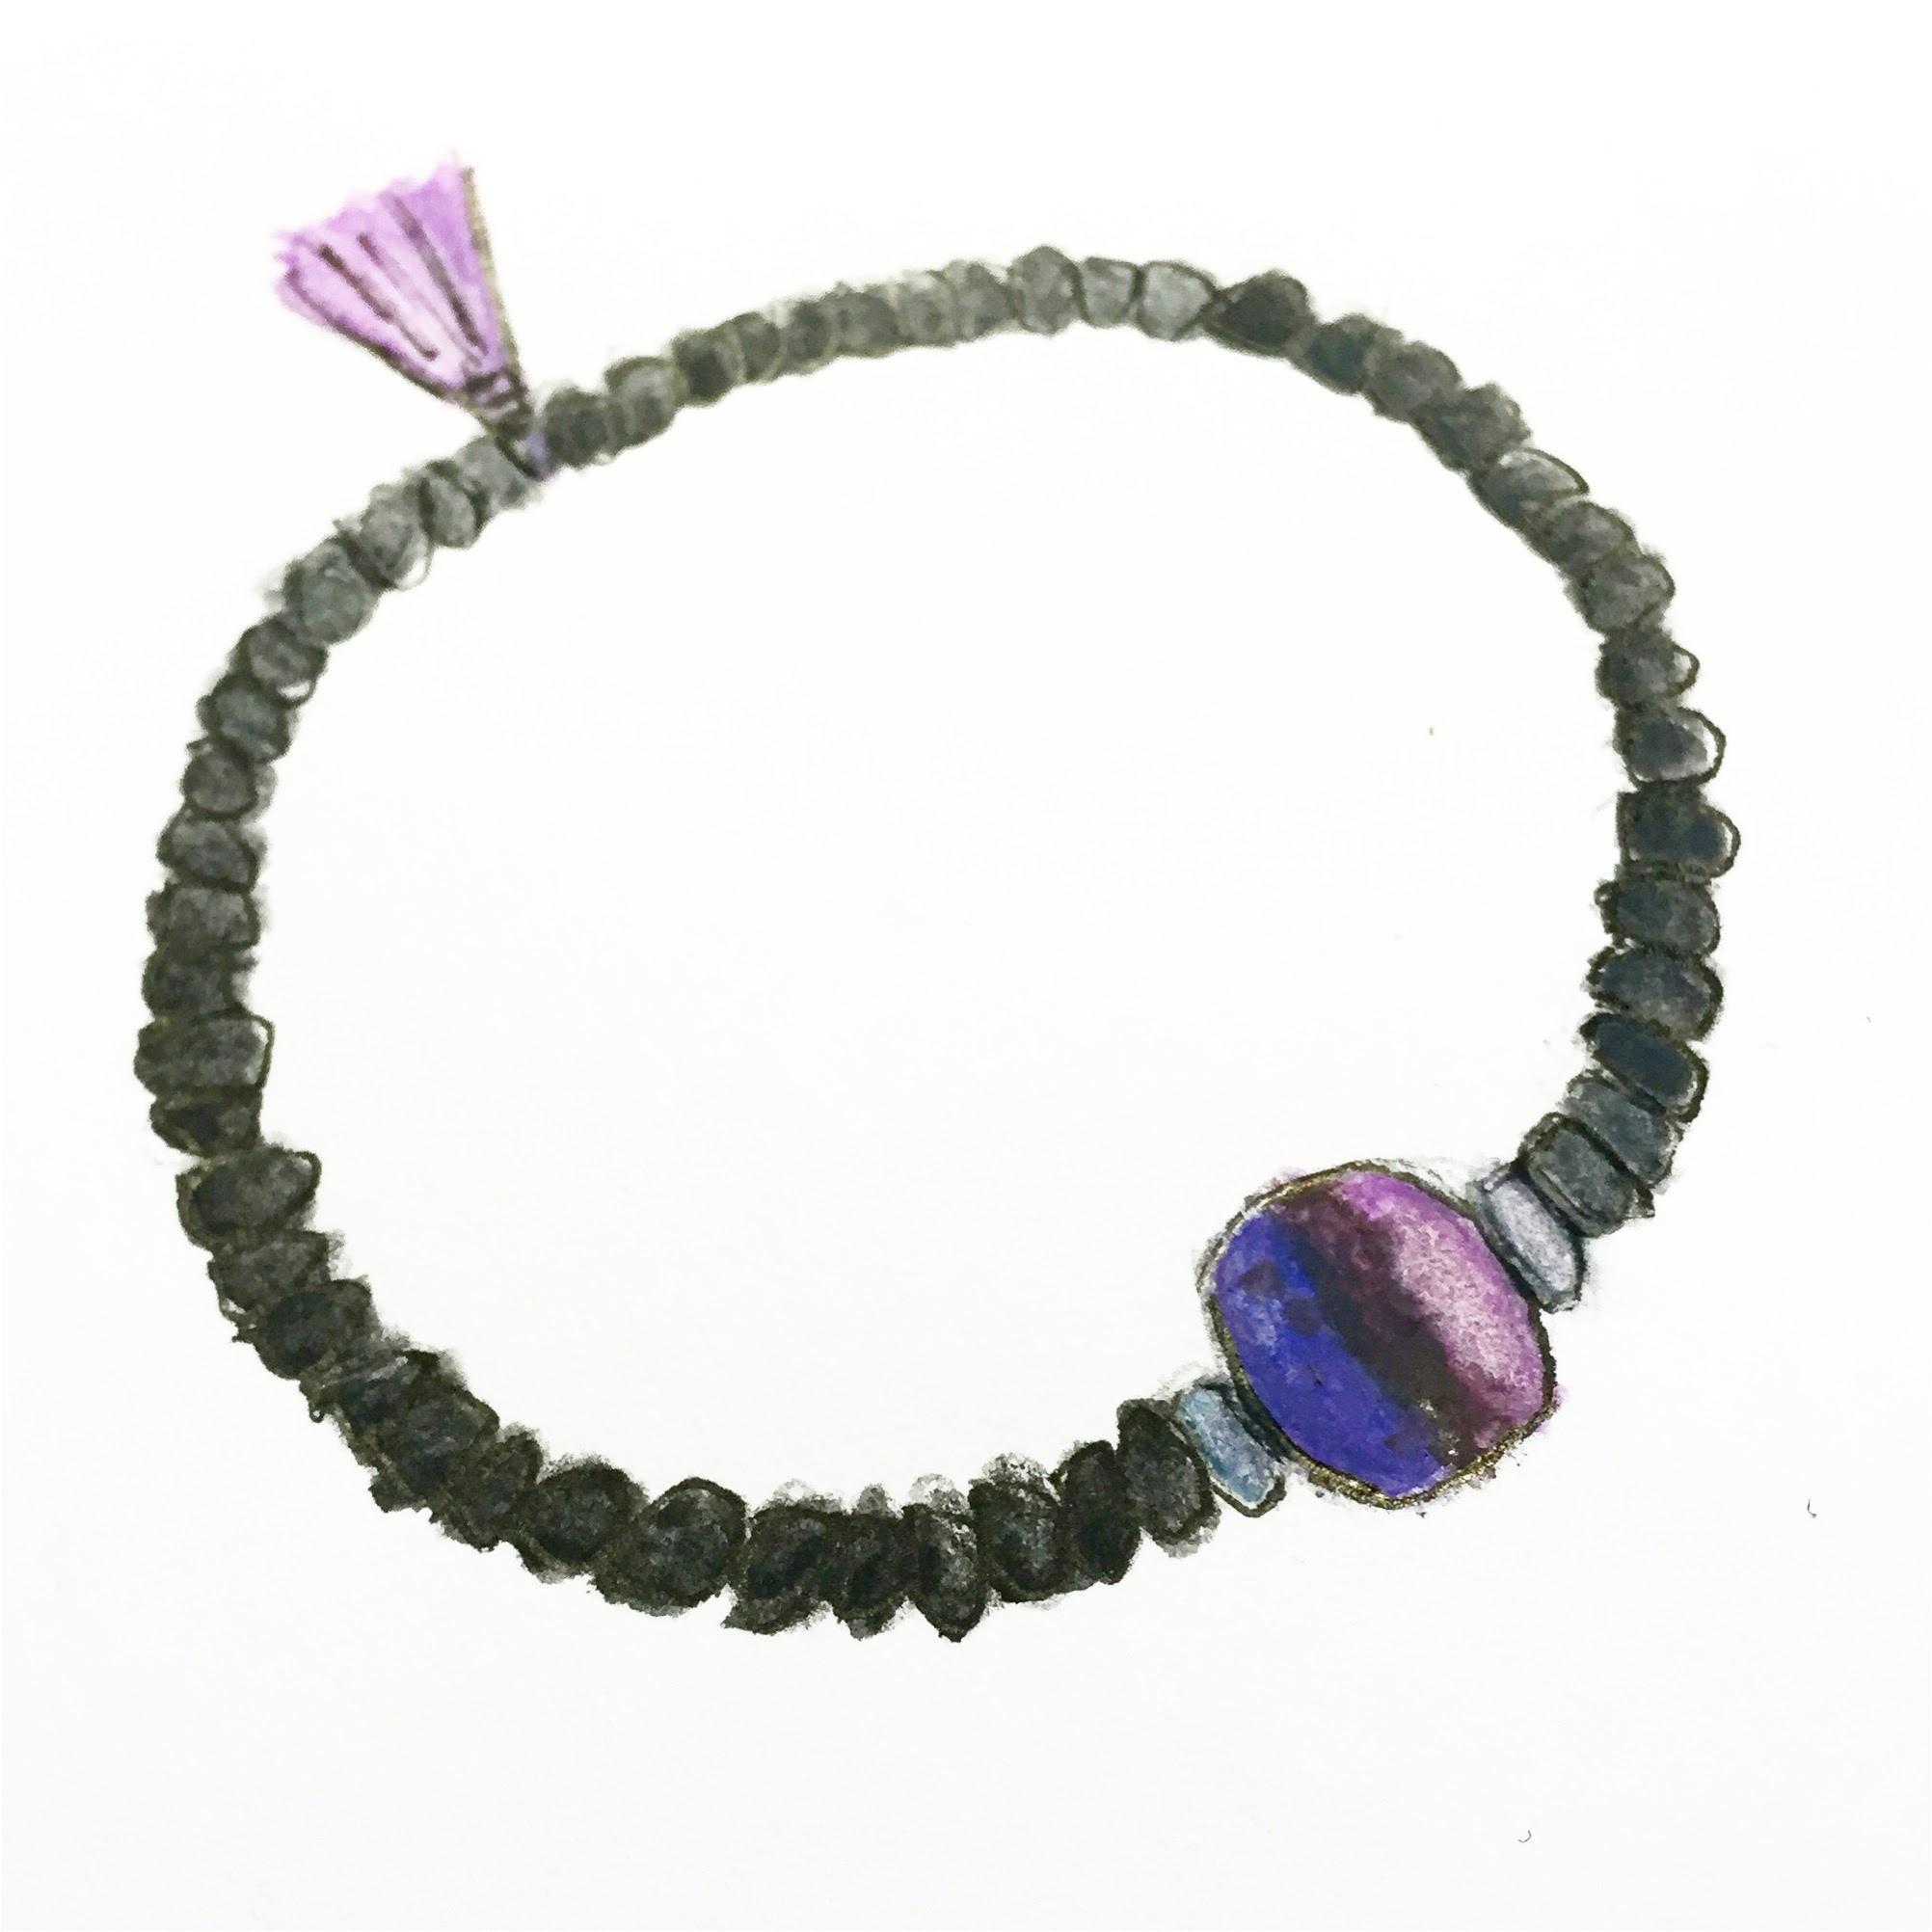 Canine Cancer fundraiser bracelet